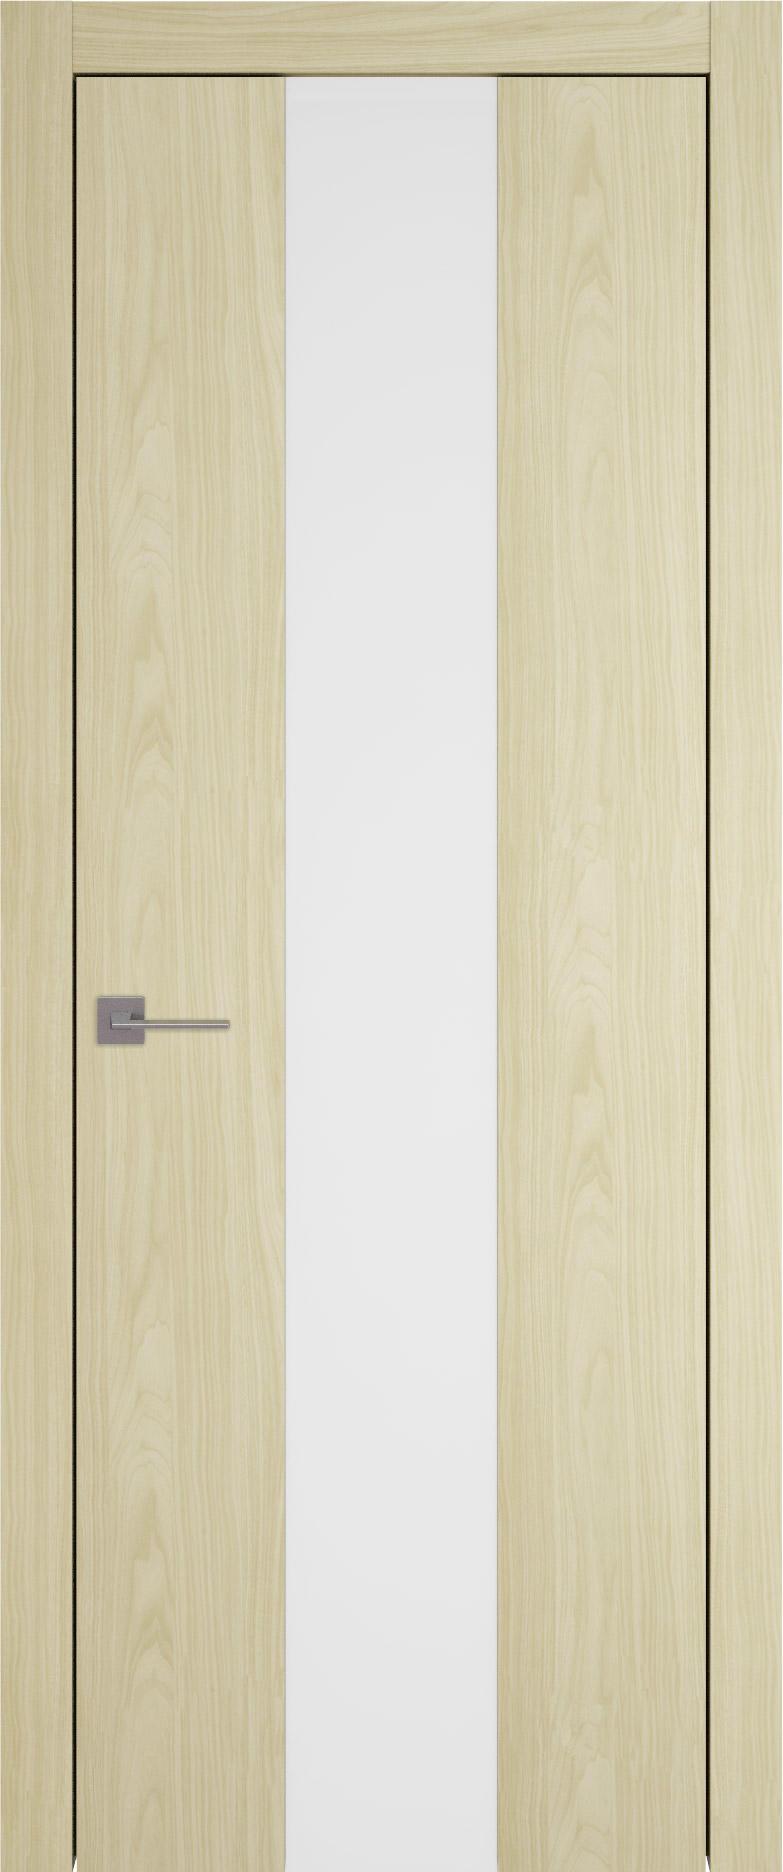 Tivoli Ж-1 цвет - Дуб нордик Со стеклом (ДО)